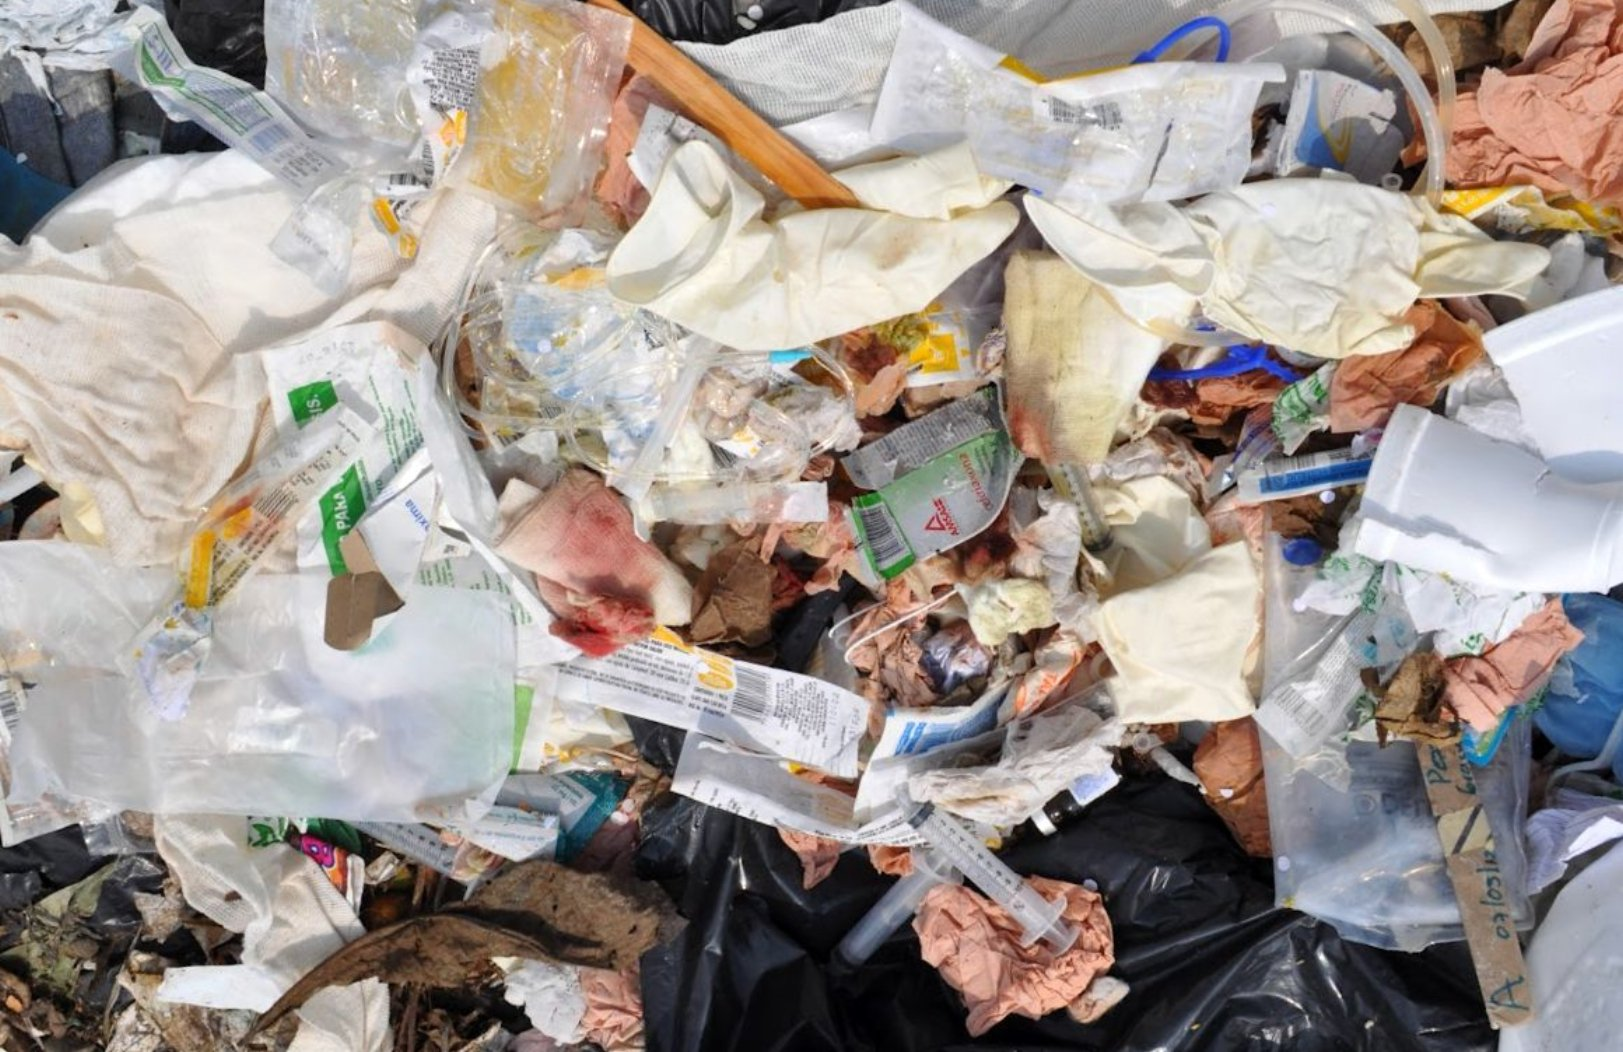 Muere bebé en hospital y la arrojan a la basura | El Imparcial de Oaxaca